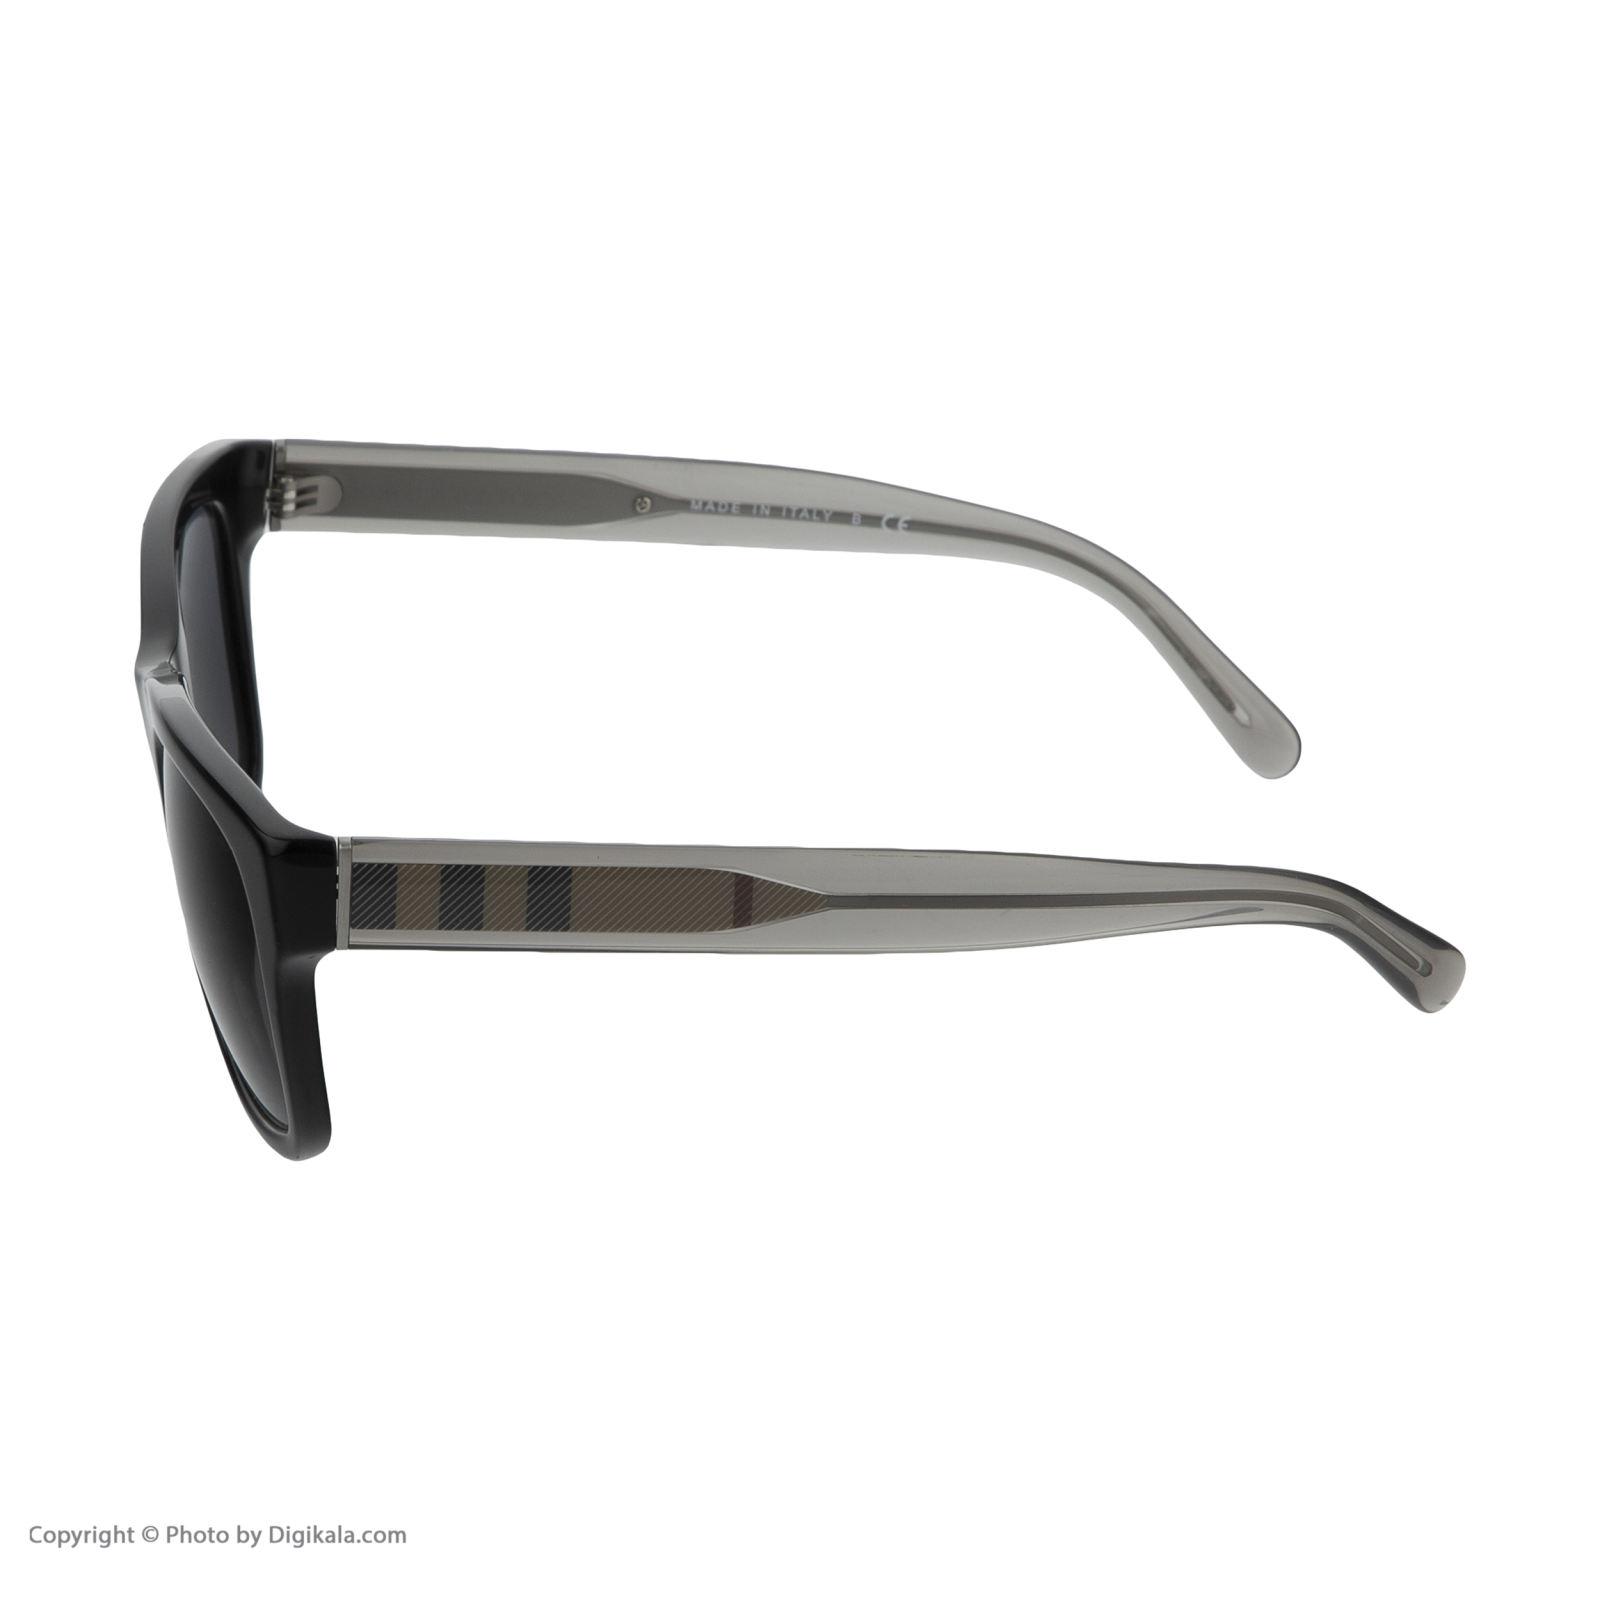 عینک آفتابی زنانه بربری مدل BE 4211S 300187 55 -  - 6